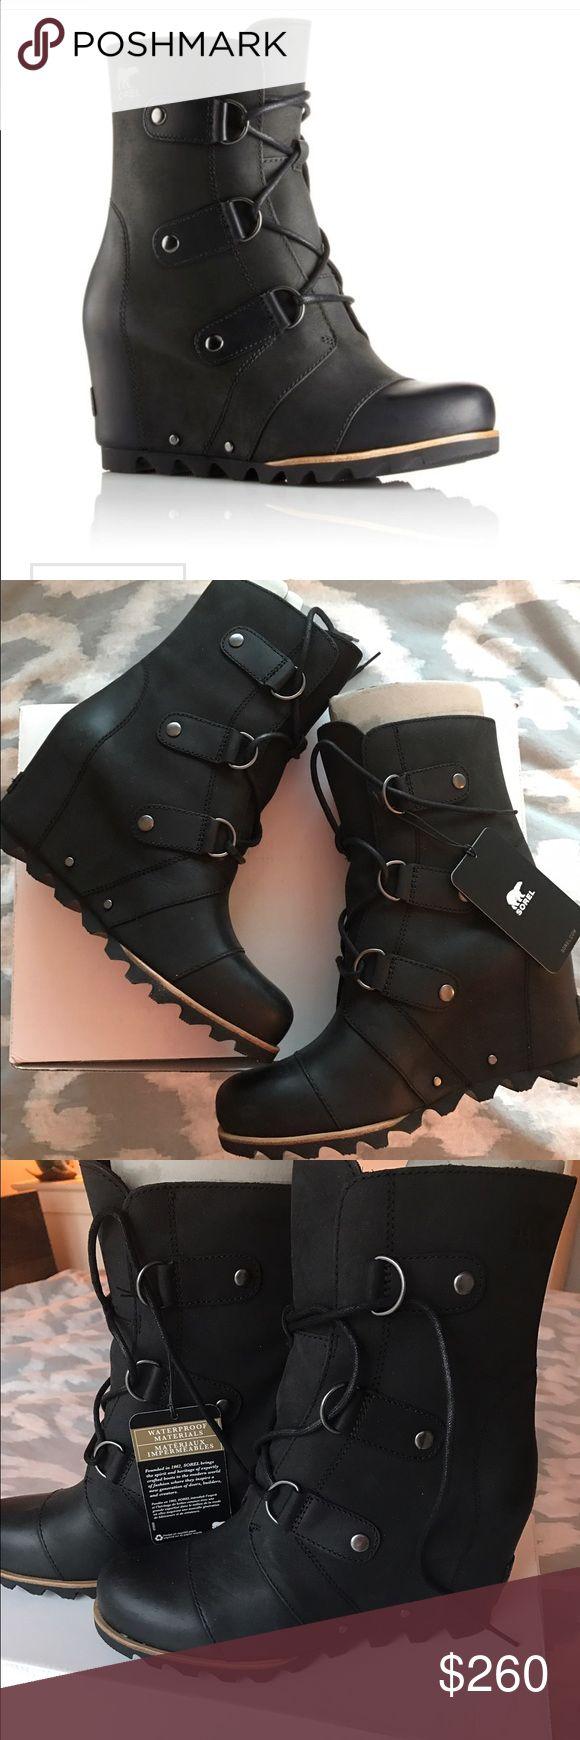 Spotted while shopping on Poshmark: Sorel Joan of Arc Wedges size 7.5! #poshmark #fashion #shopping #style #Sorel #Shoes